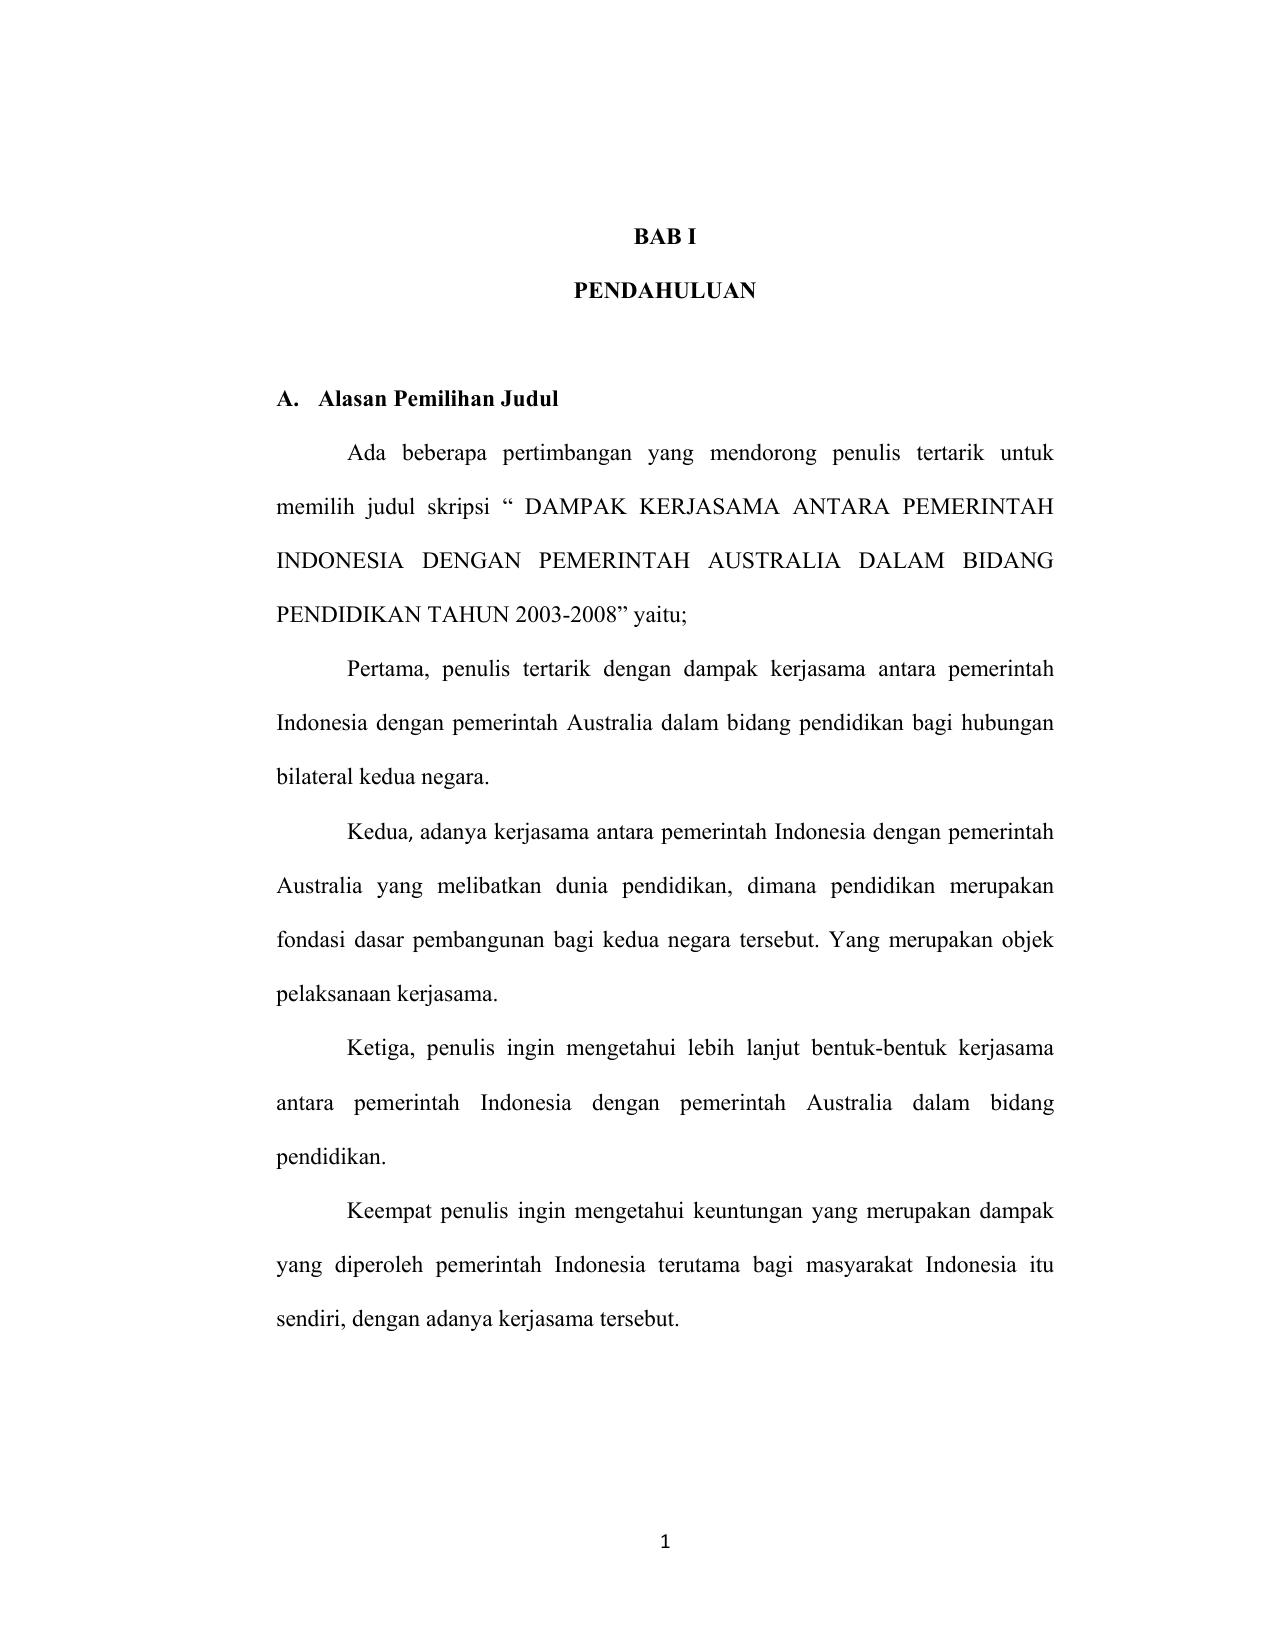 contoh judul skripsi ilmu ekonomi studi pembangunan